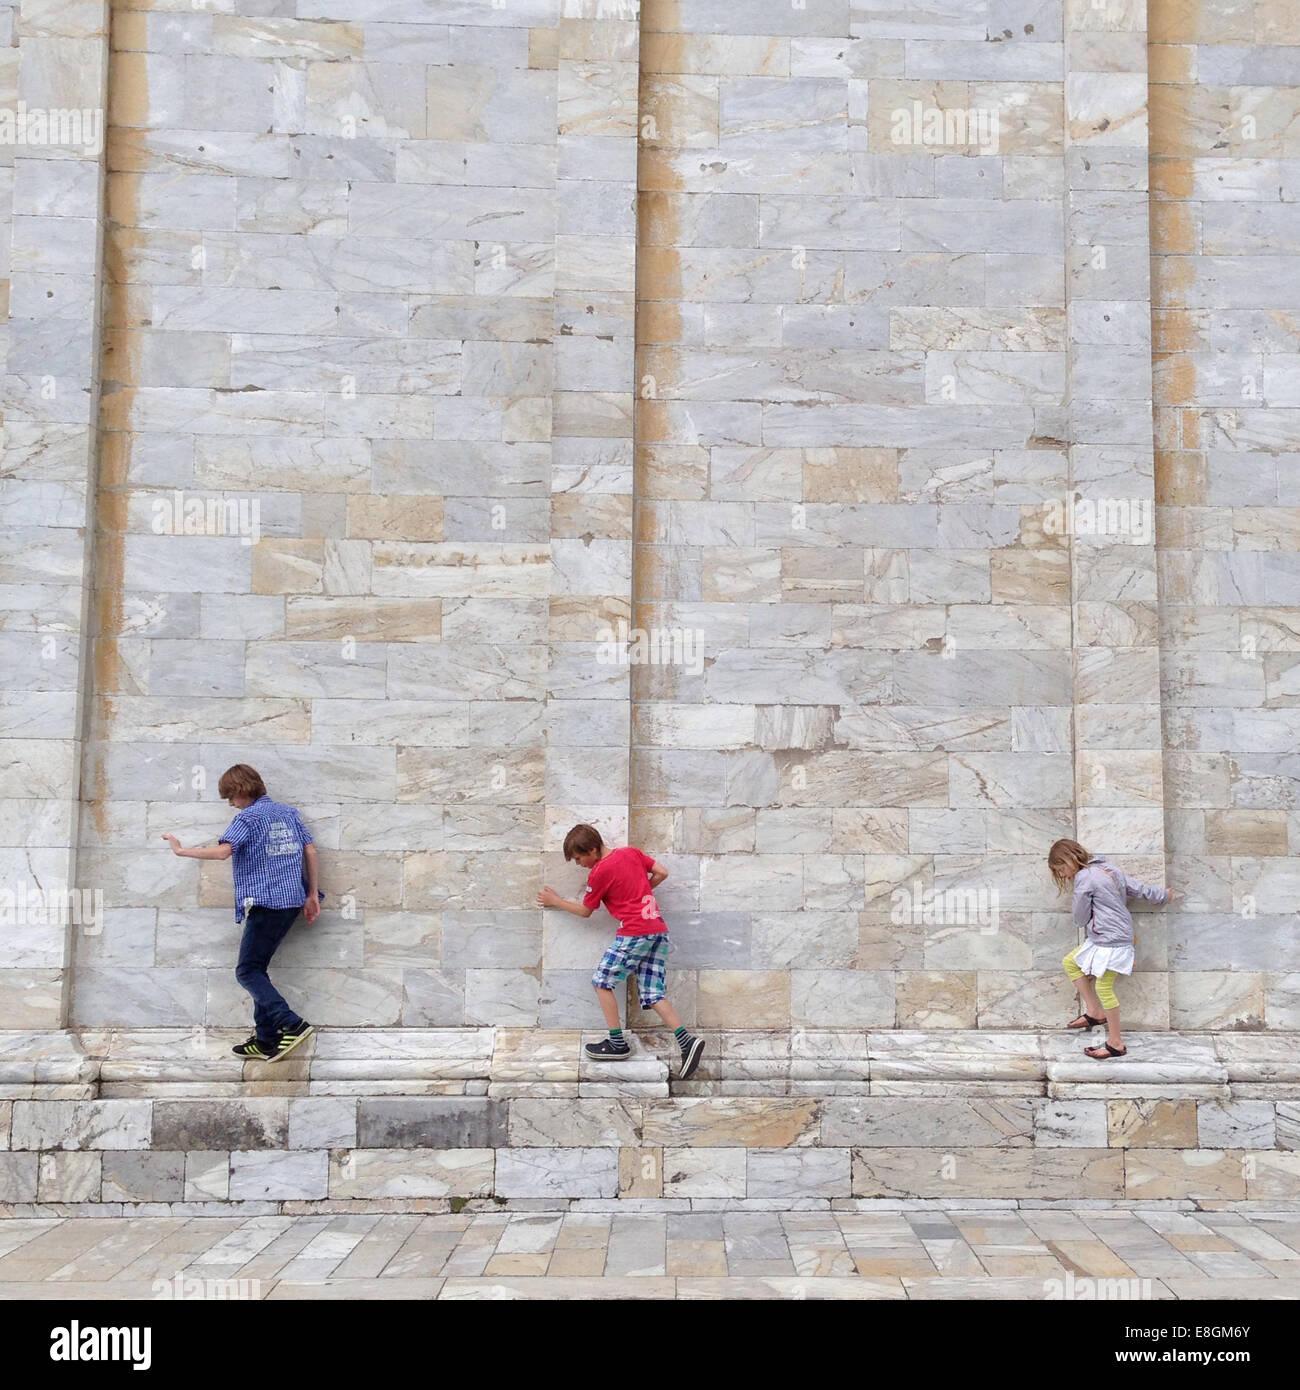 L'Italia, Toscana, Pisa, tre avventurieri (10-11, 12-13) Immagini Stock